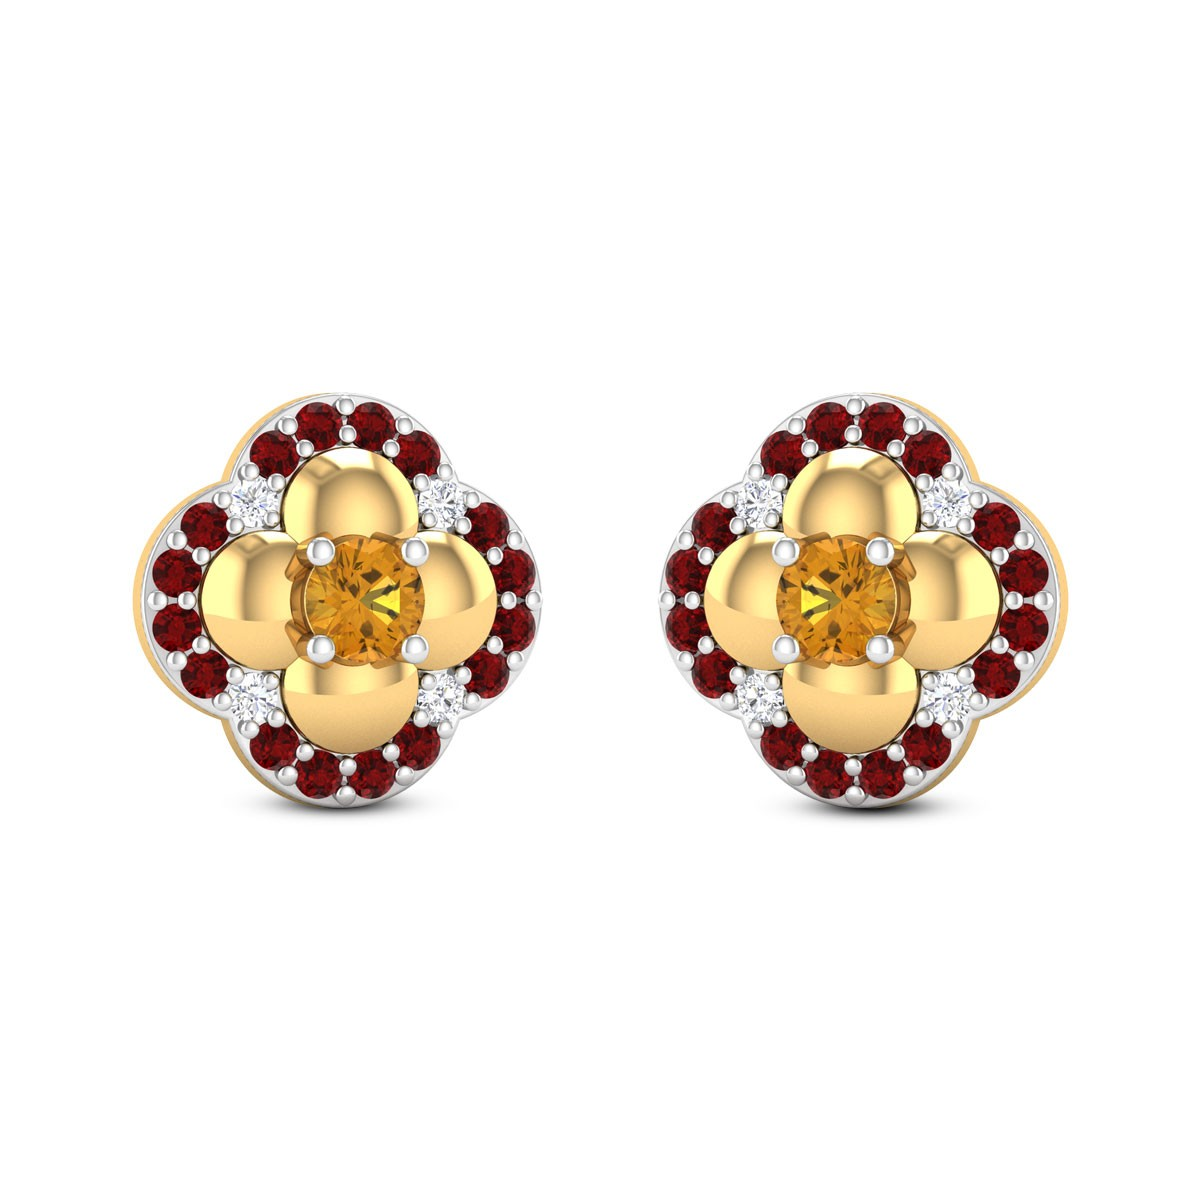 Lodis Stud Earrings